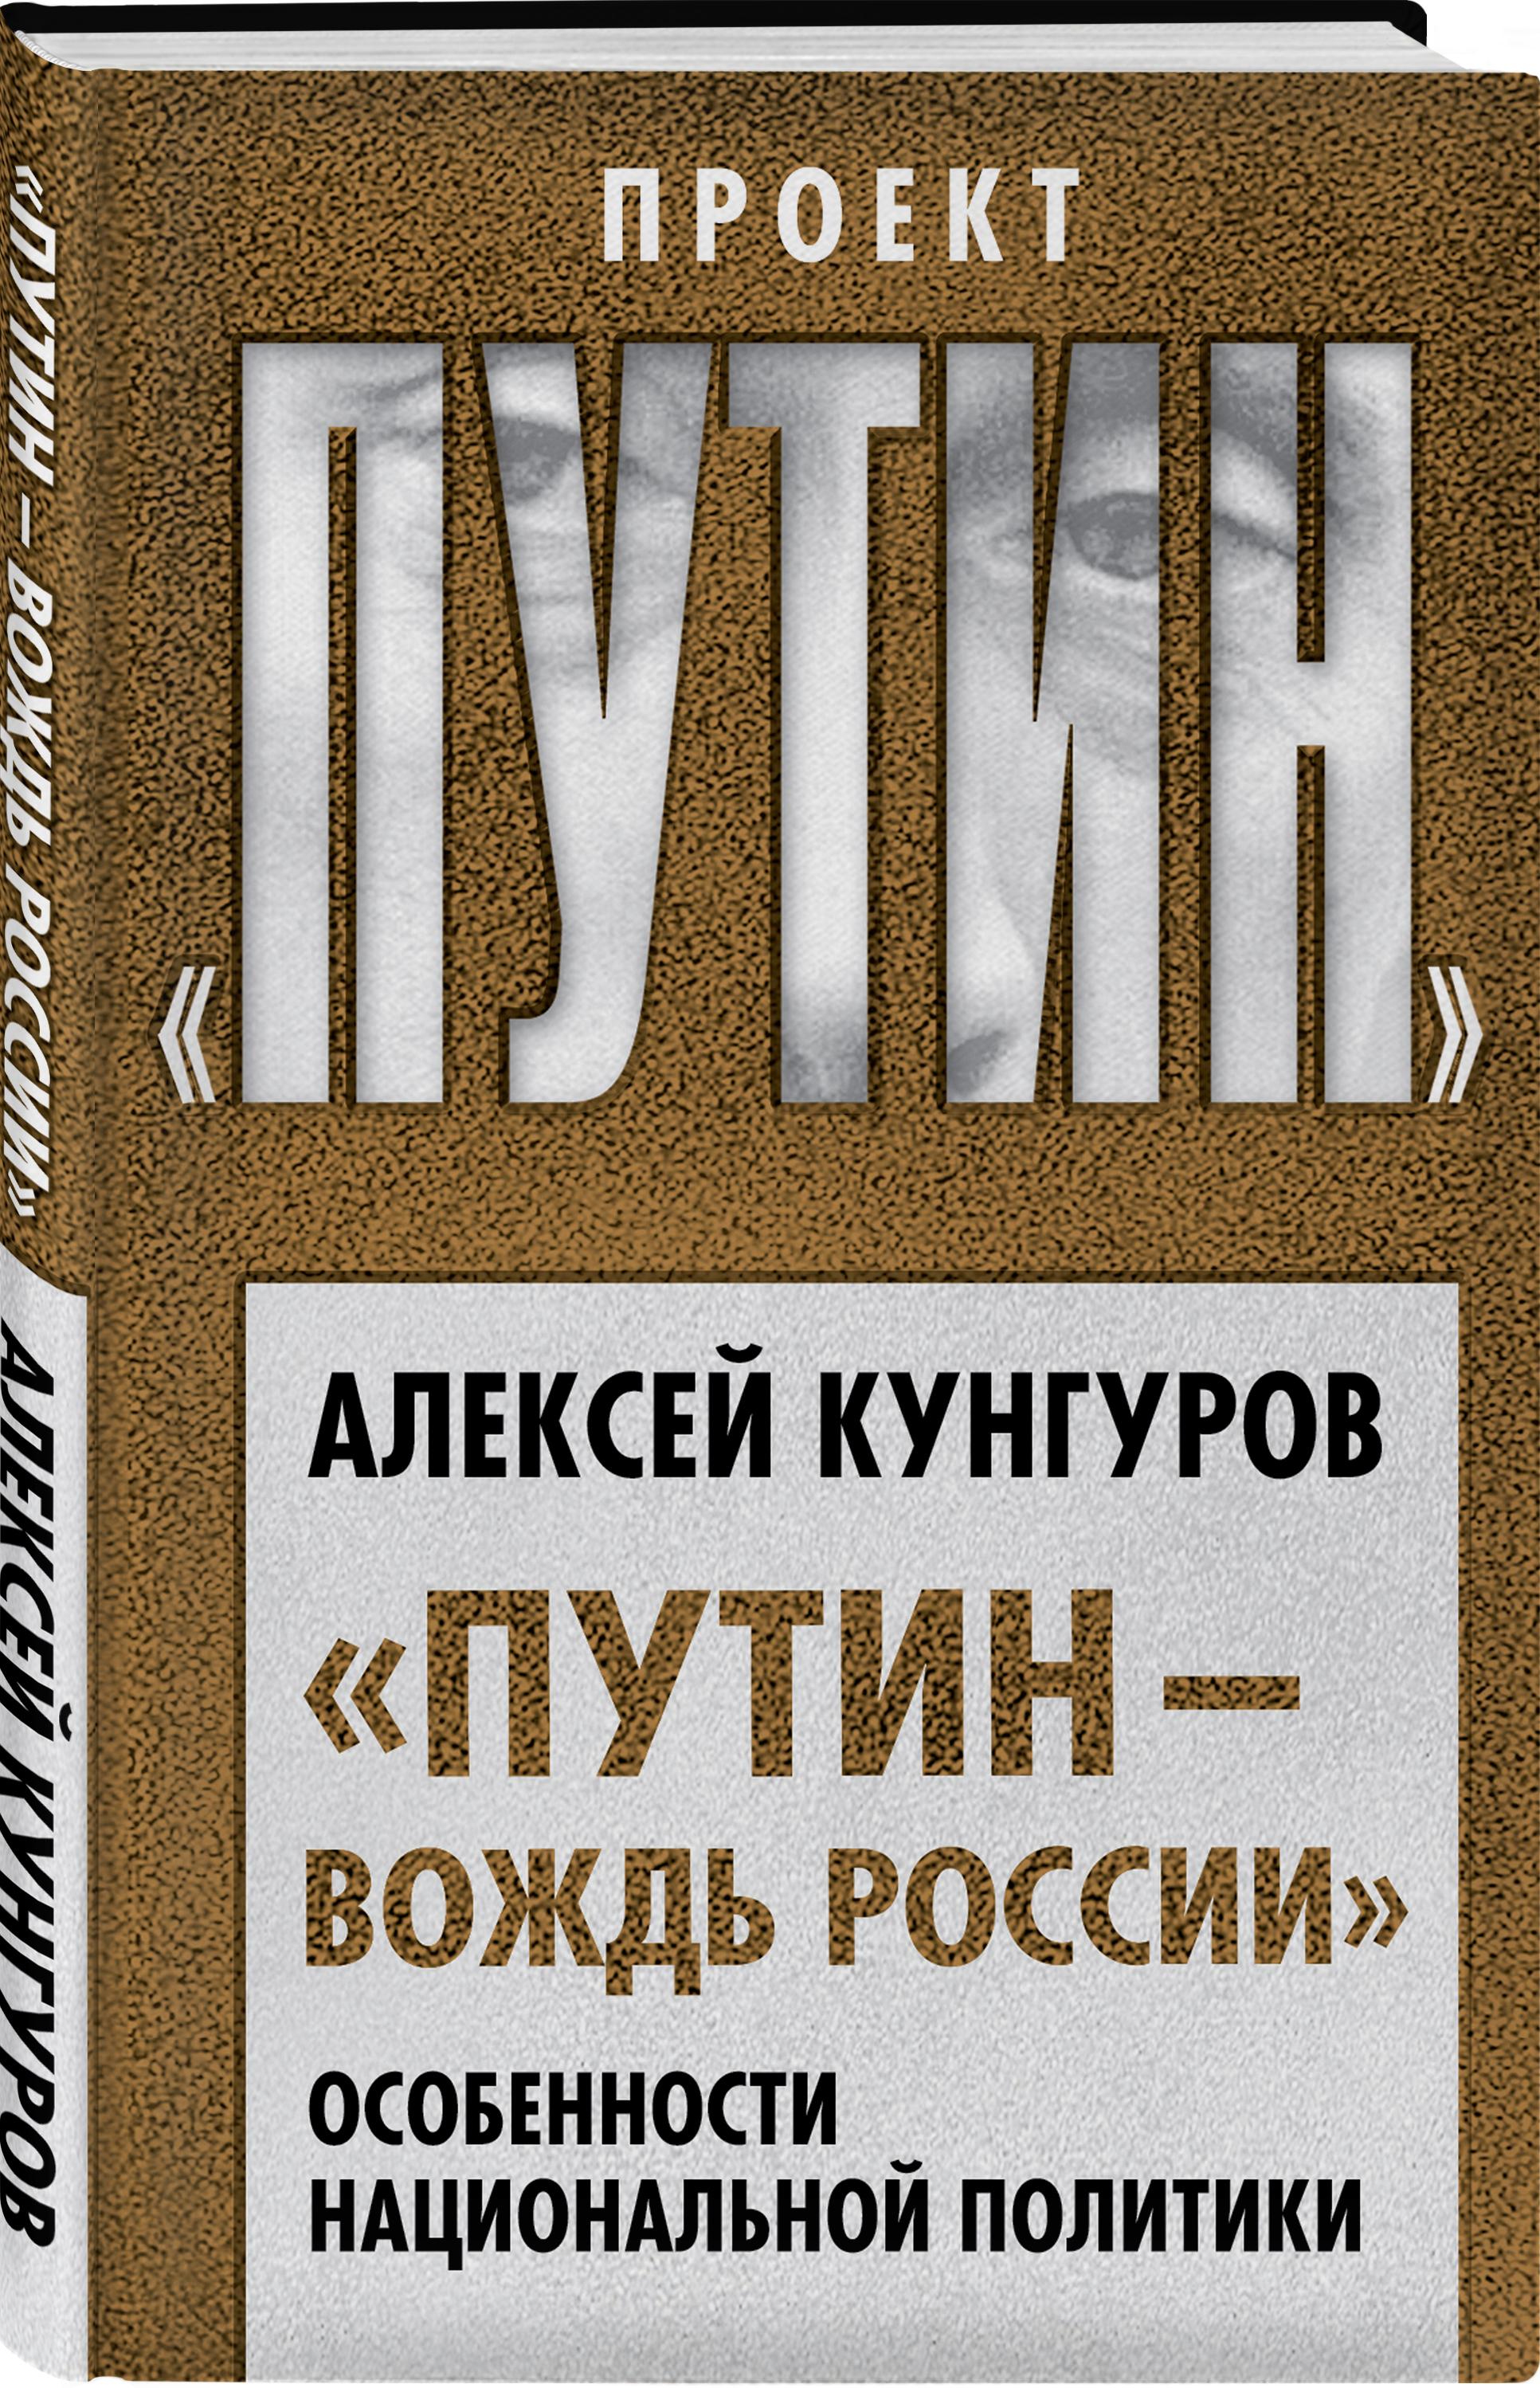 «Путин – вождь России». Особенности национальной политики | Кунгуров Алексей Анатольевич